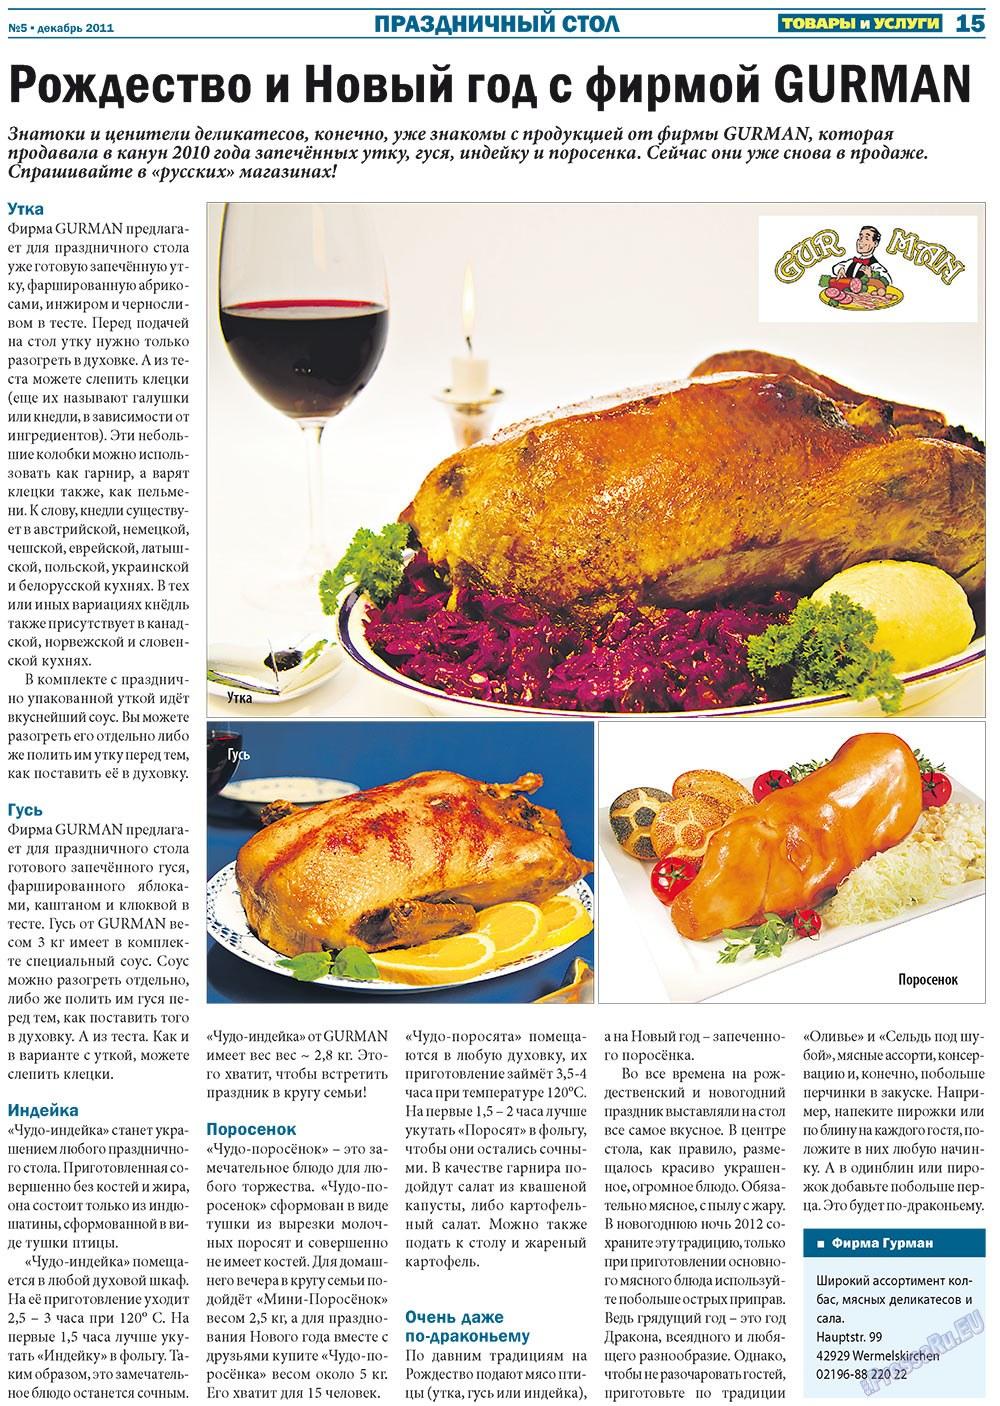 Товары и услуги (газета). 2011 год, номер 5, стр. 15